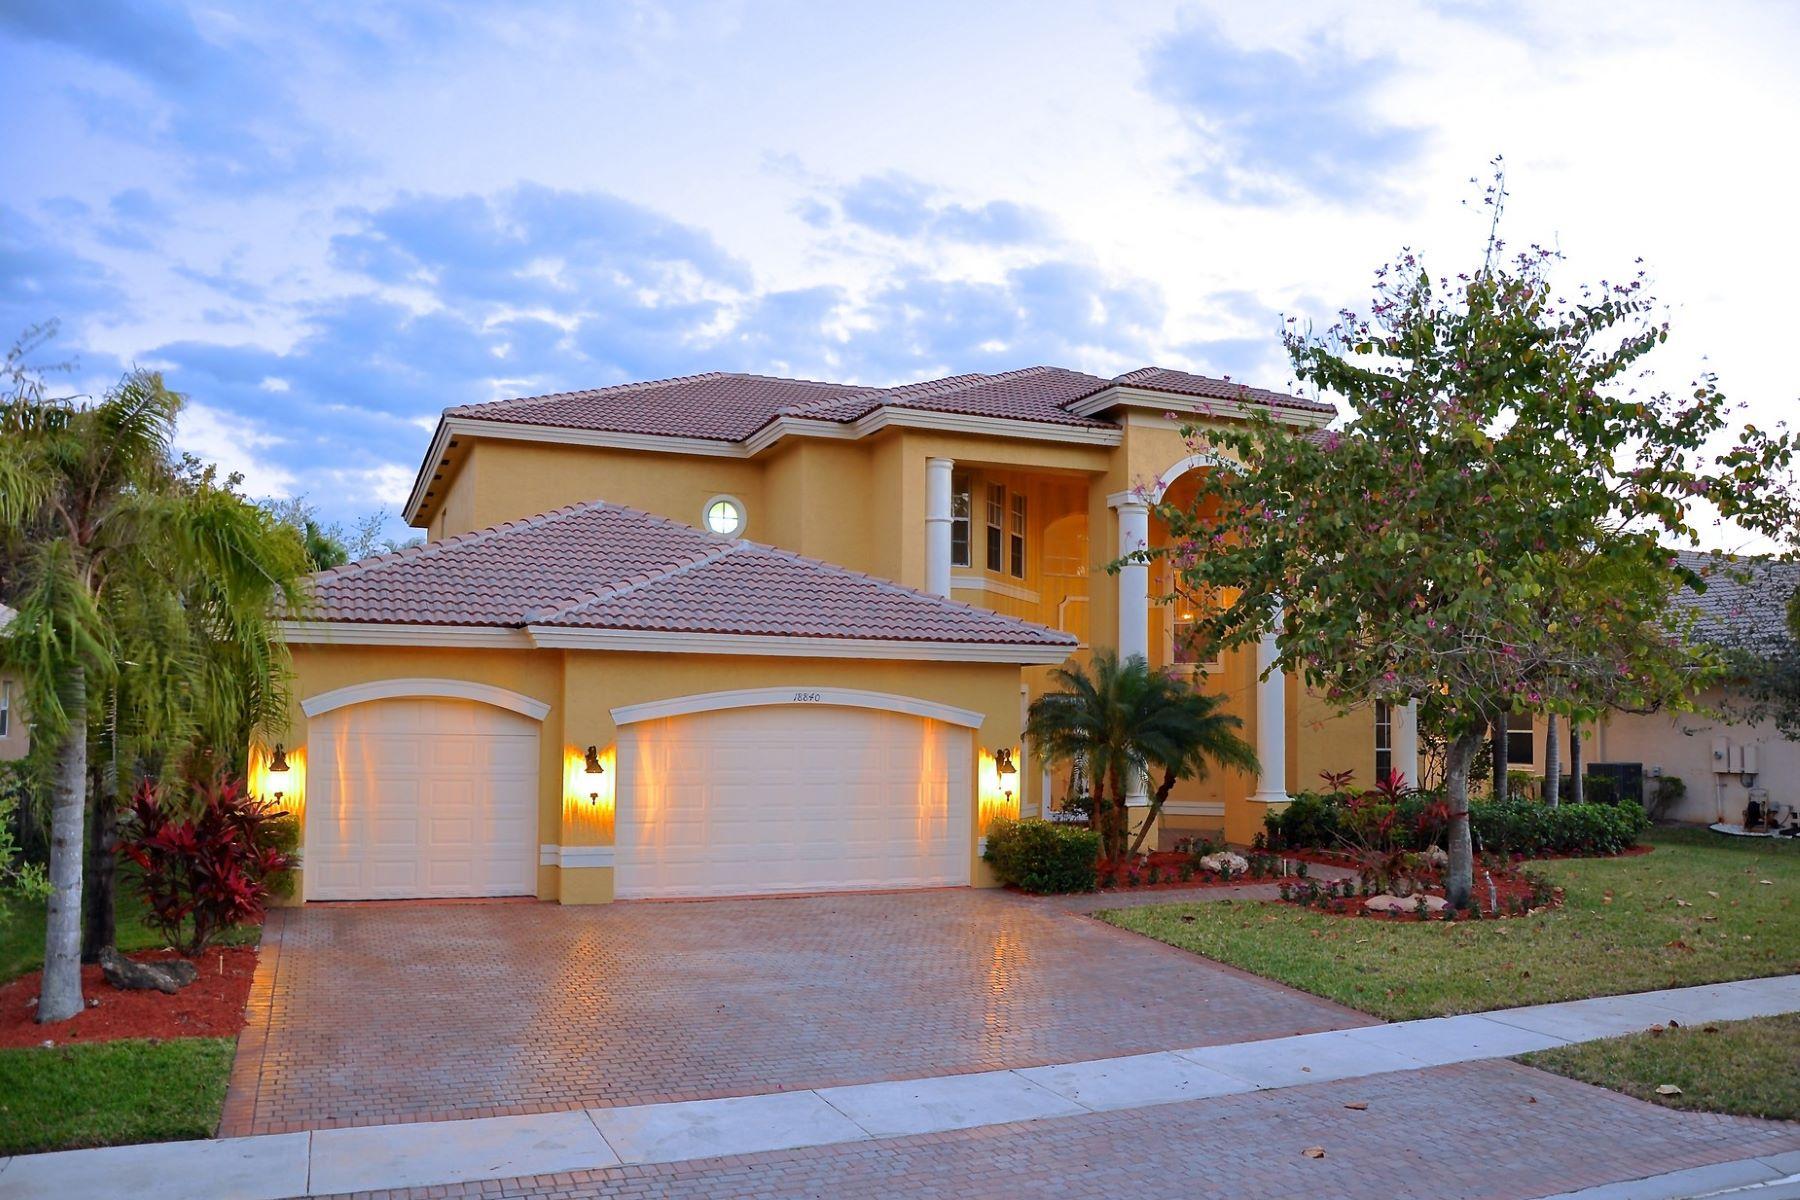 Maison unifamiliale pour l Vente à 18840 SW 41 ST. 18840 Sw. 41 Street Miramar, Florida, 33029 États-Unis